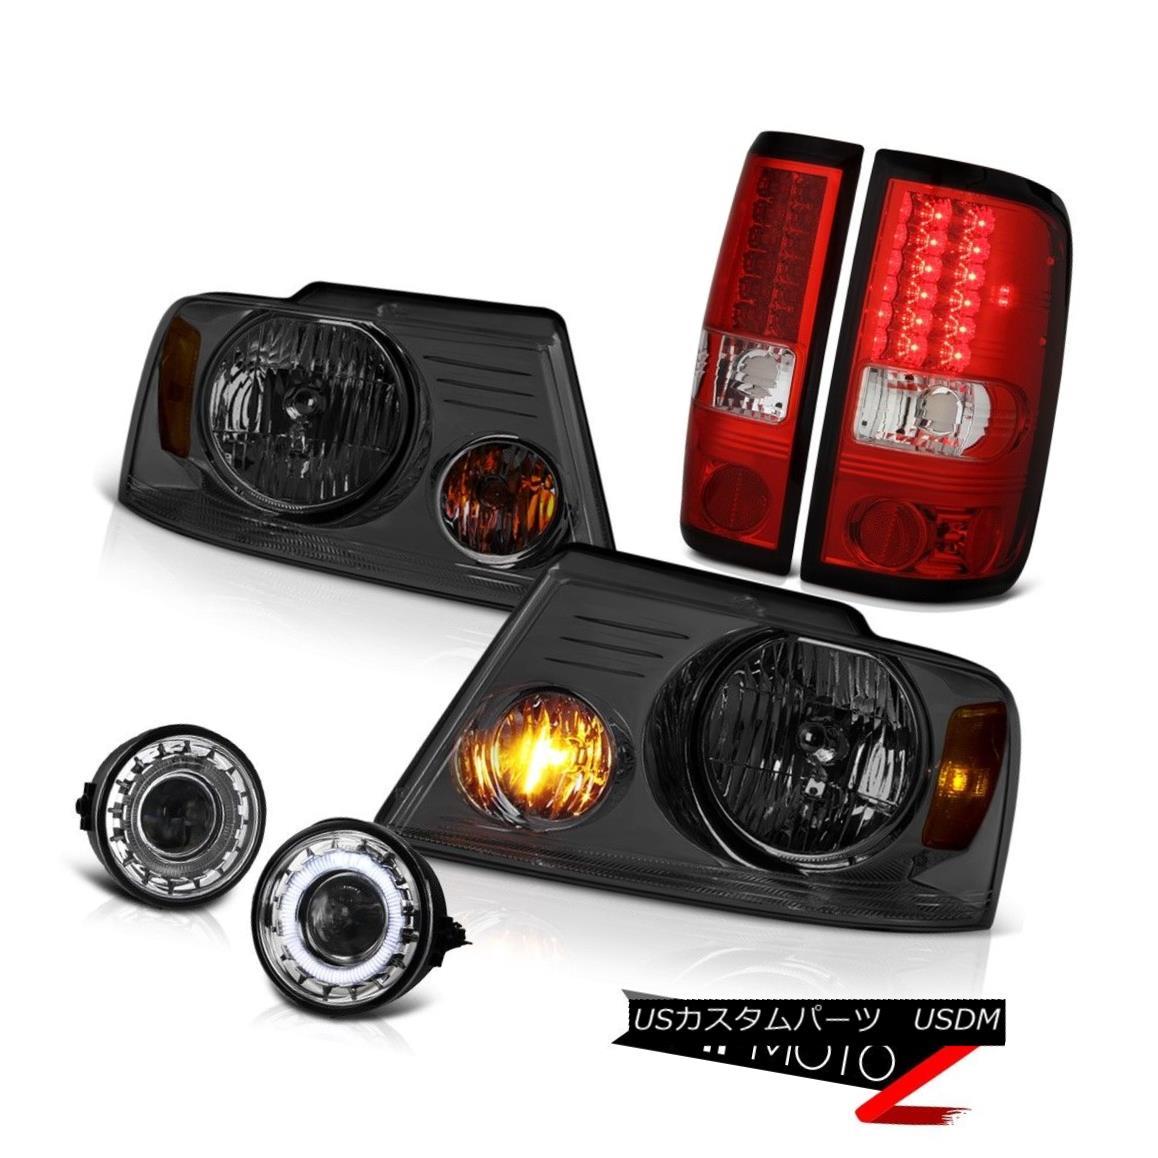 ヘッドライト [ANGEL EYE] 2006 2007 2008 FORD F150 Red LED Tail Light Smoke Headlight Fog Lamp [ANGEL EYE] 2006年2008年フォードF150レッドLEDテールライトスモークヘッドライトフォグランプ